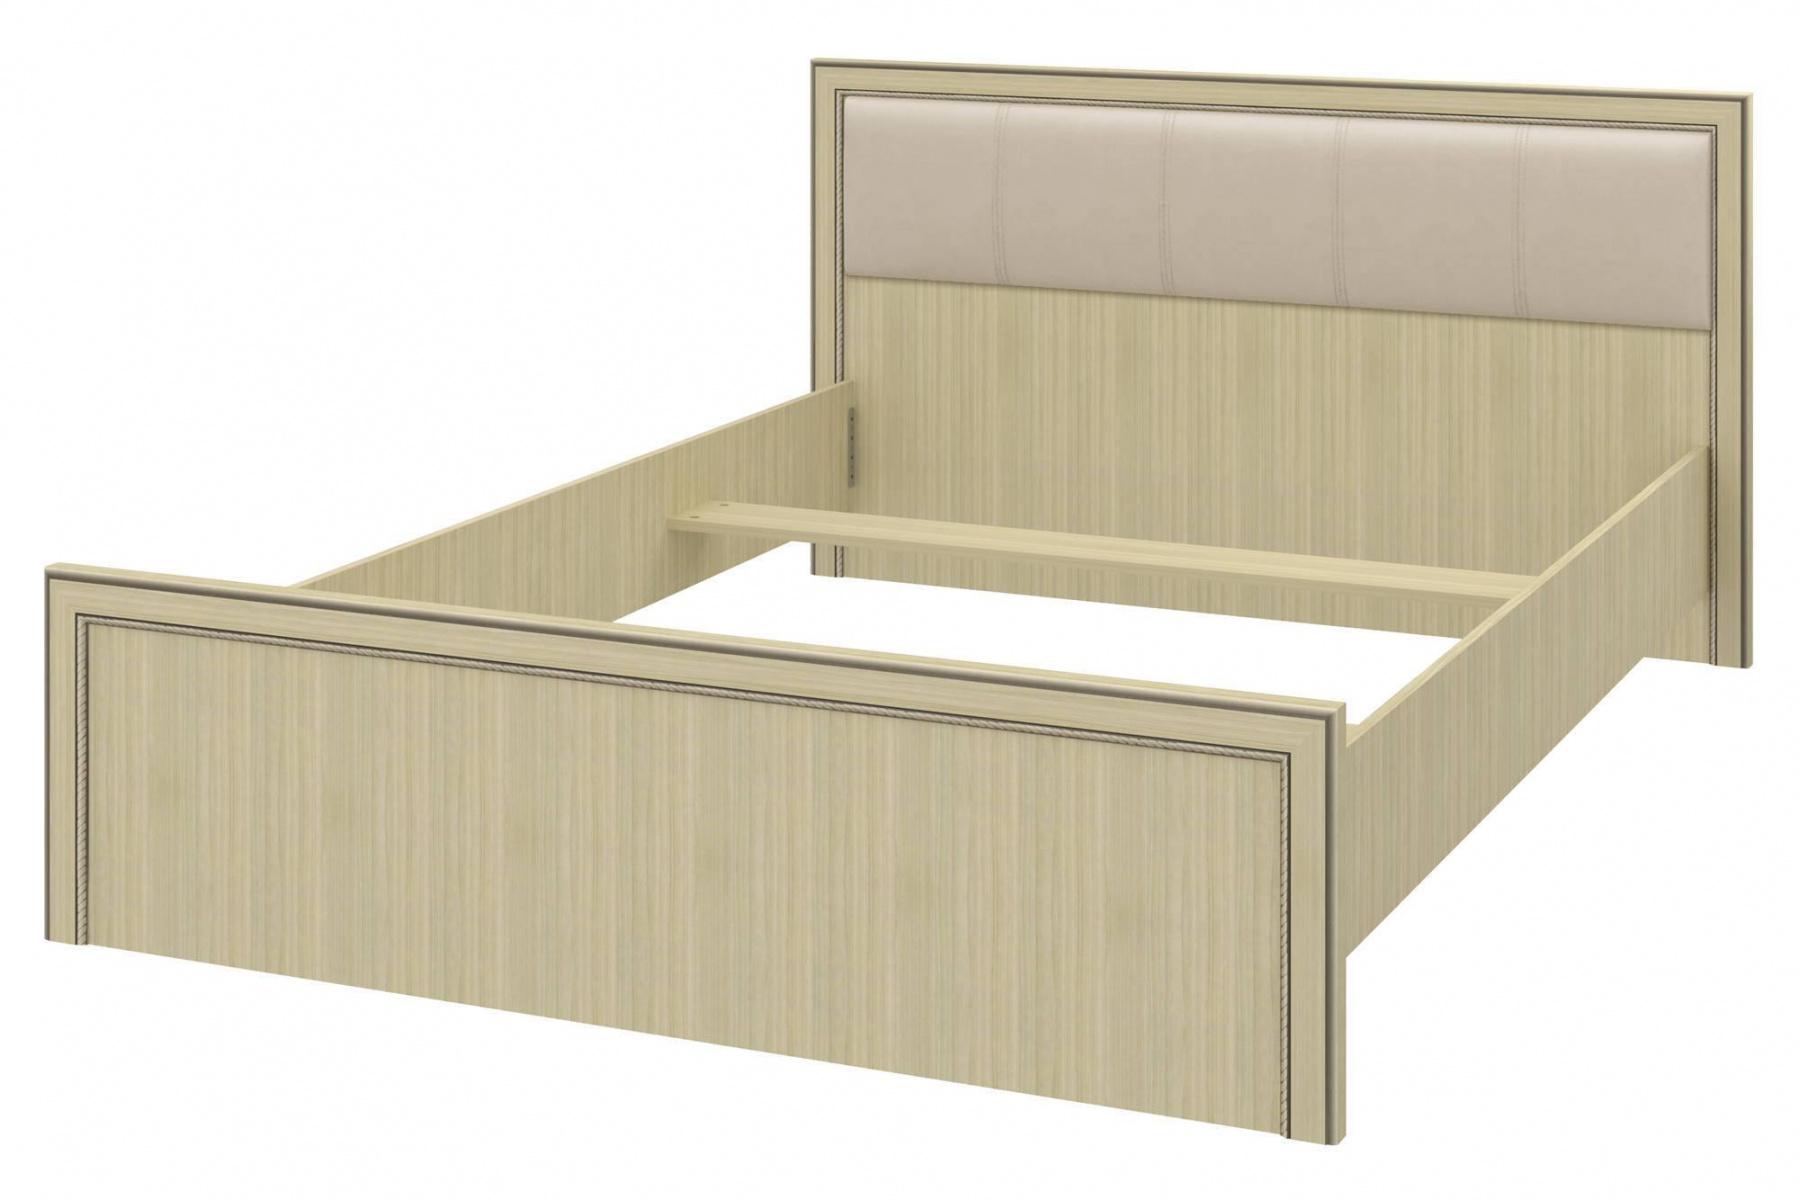 раскладные диваны-кровати недорого в москве